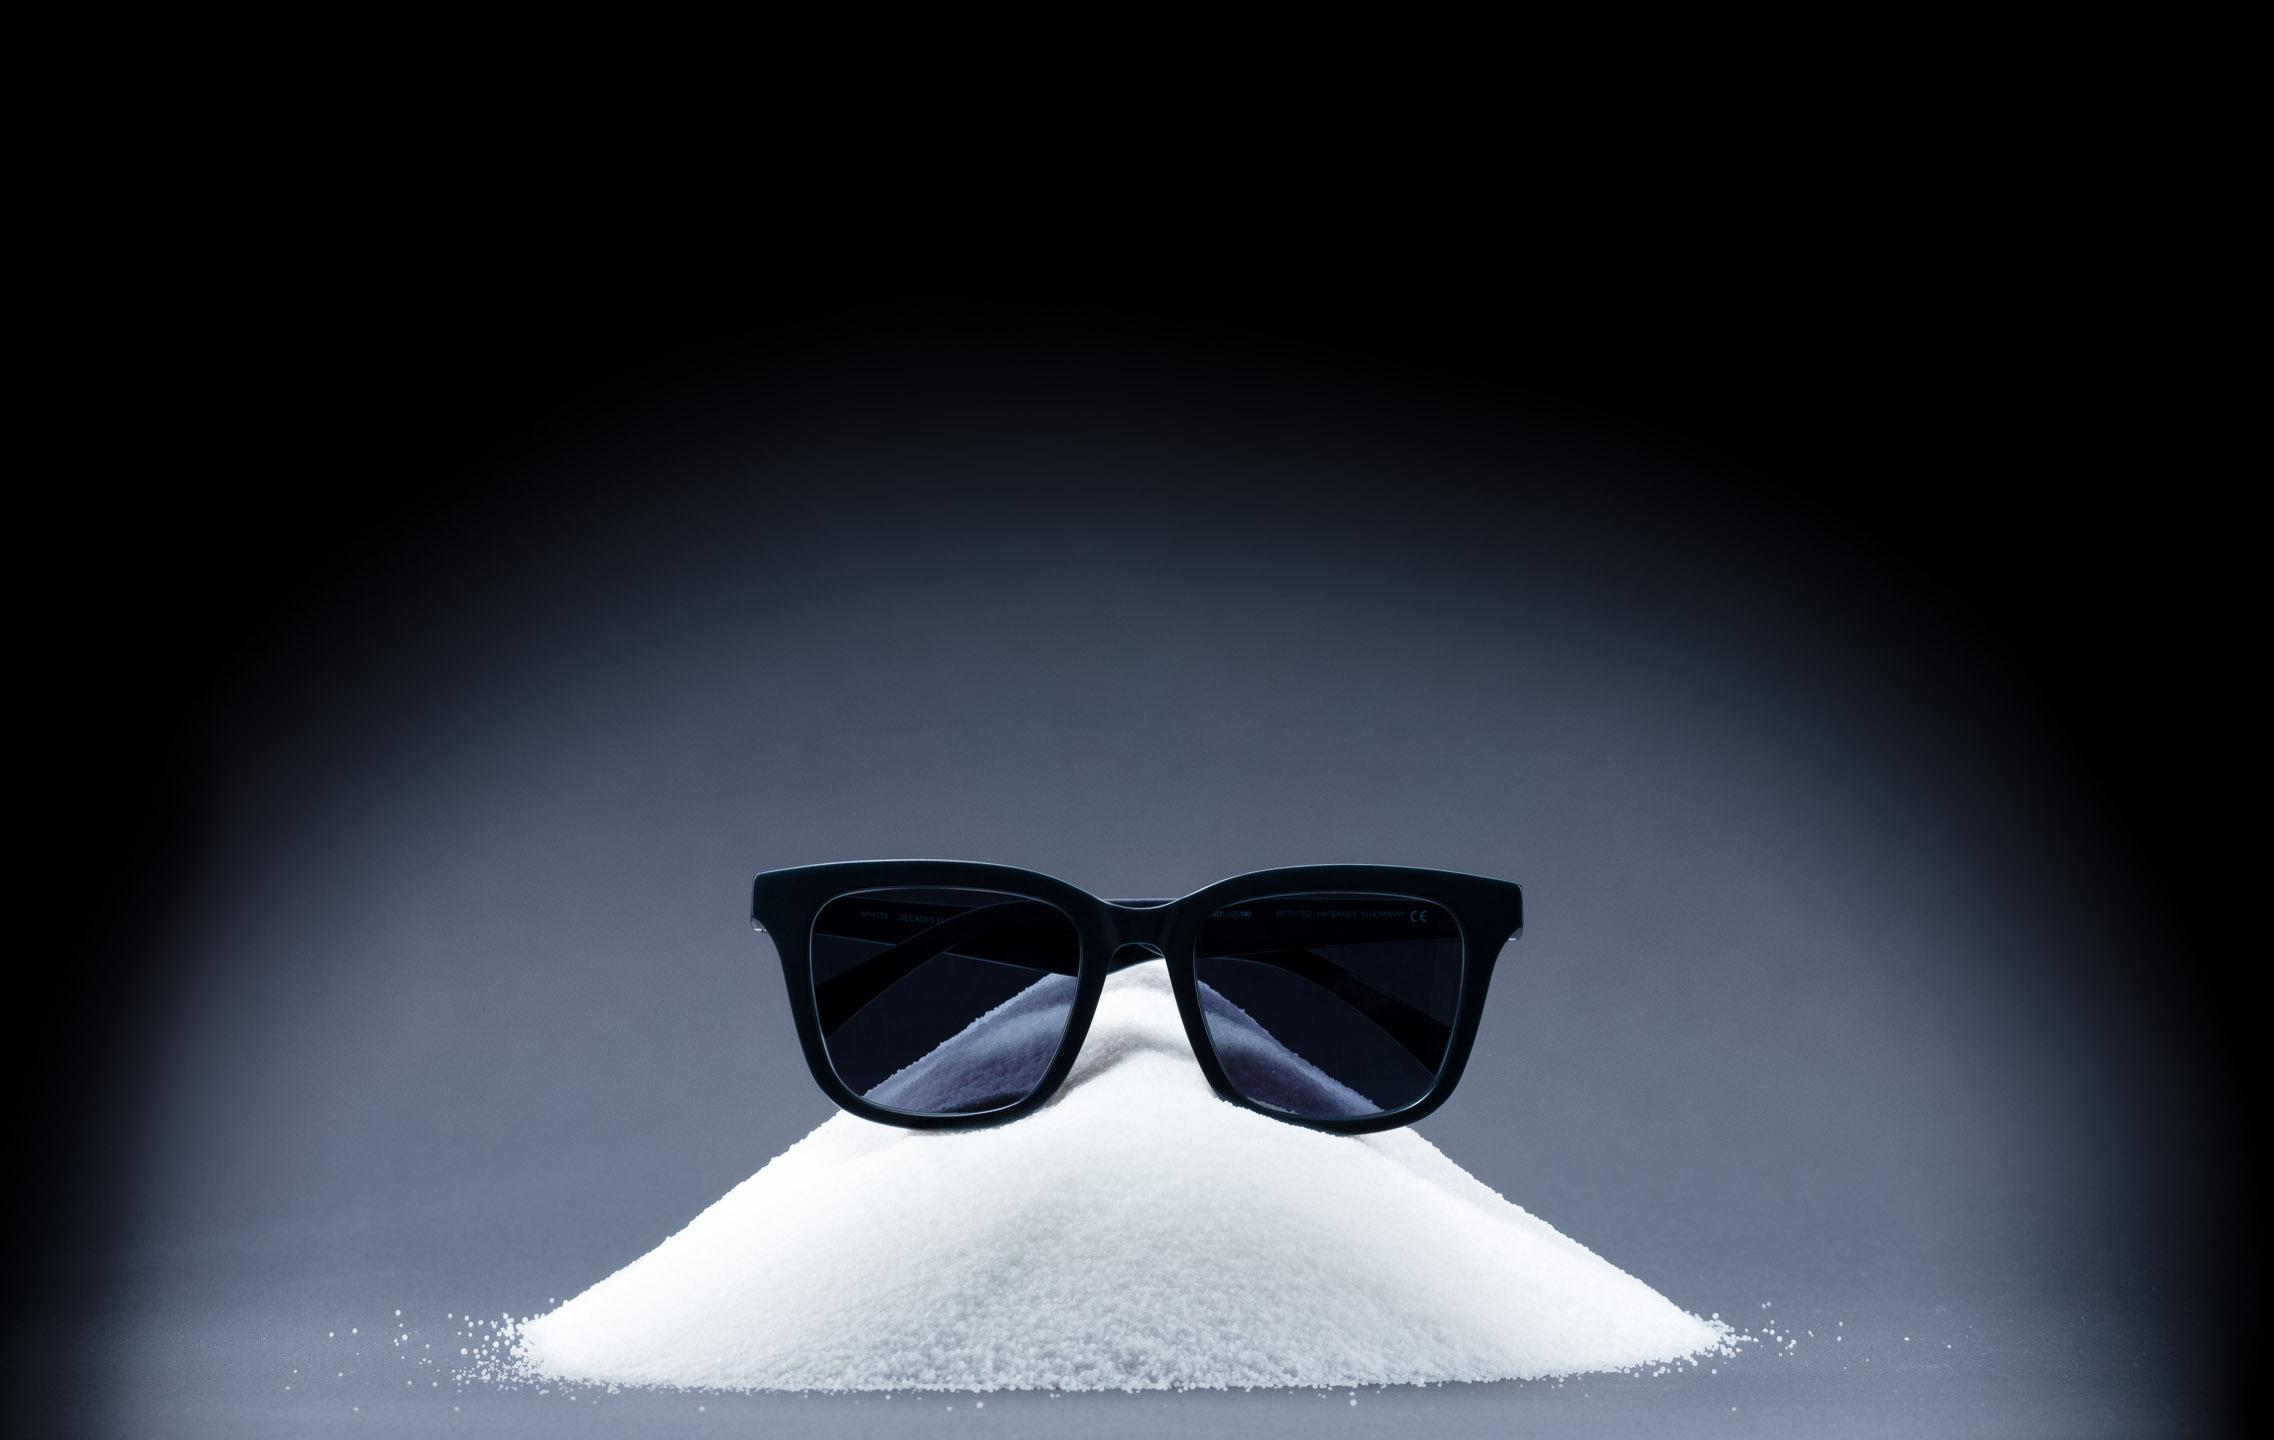 Produktfoto Sonnenbrille auf Salzkörnern